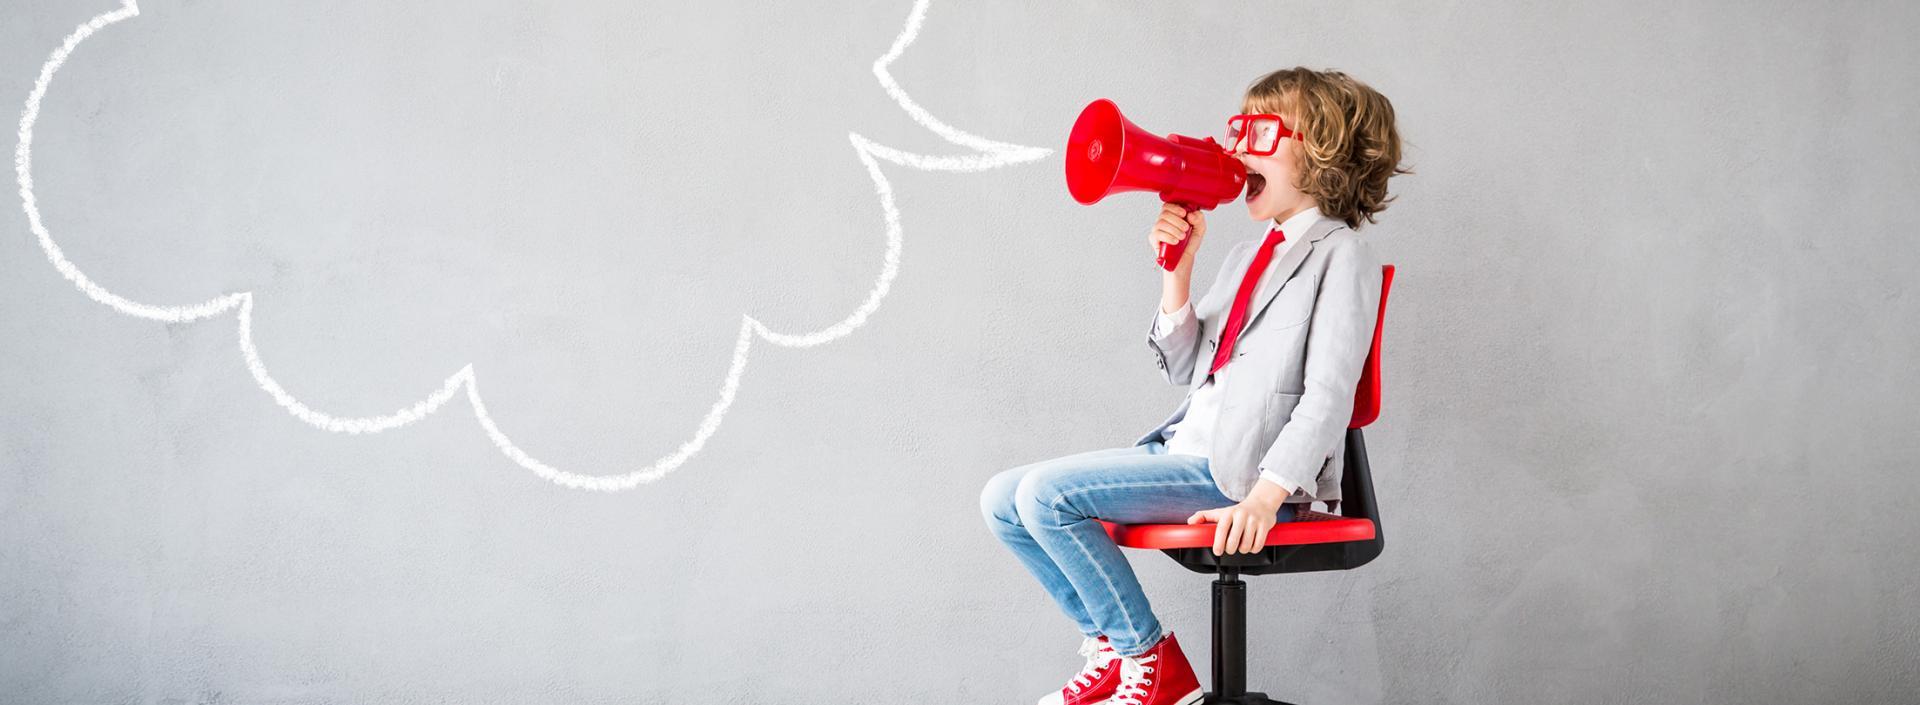 Especialização Avançada em Perturbações da Comunicação, Linguagem e Fala: Bases Teóricas, Avaliação e Intervenção